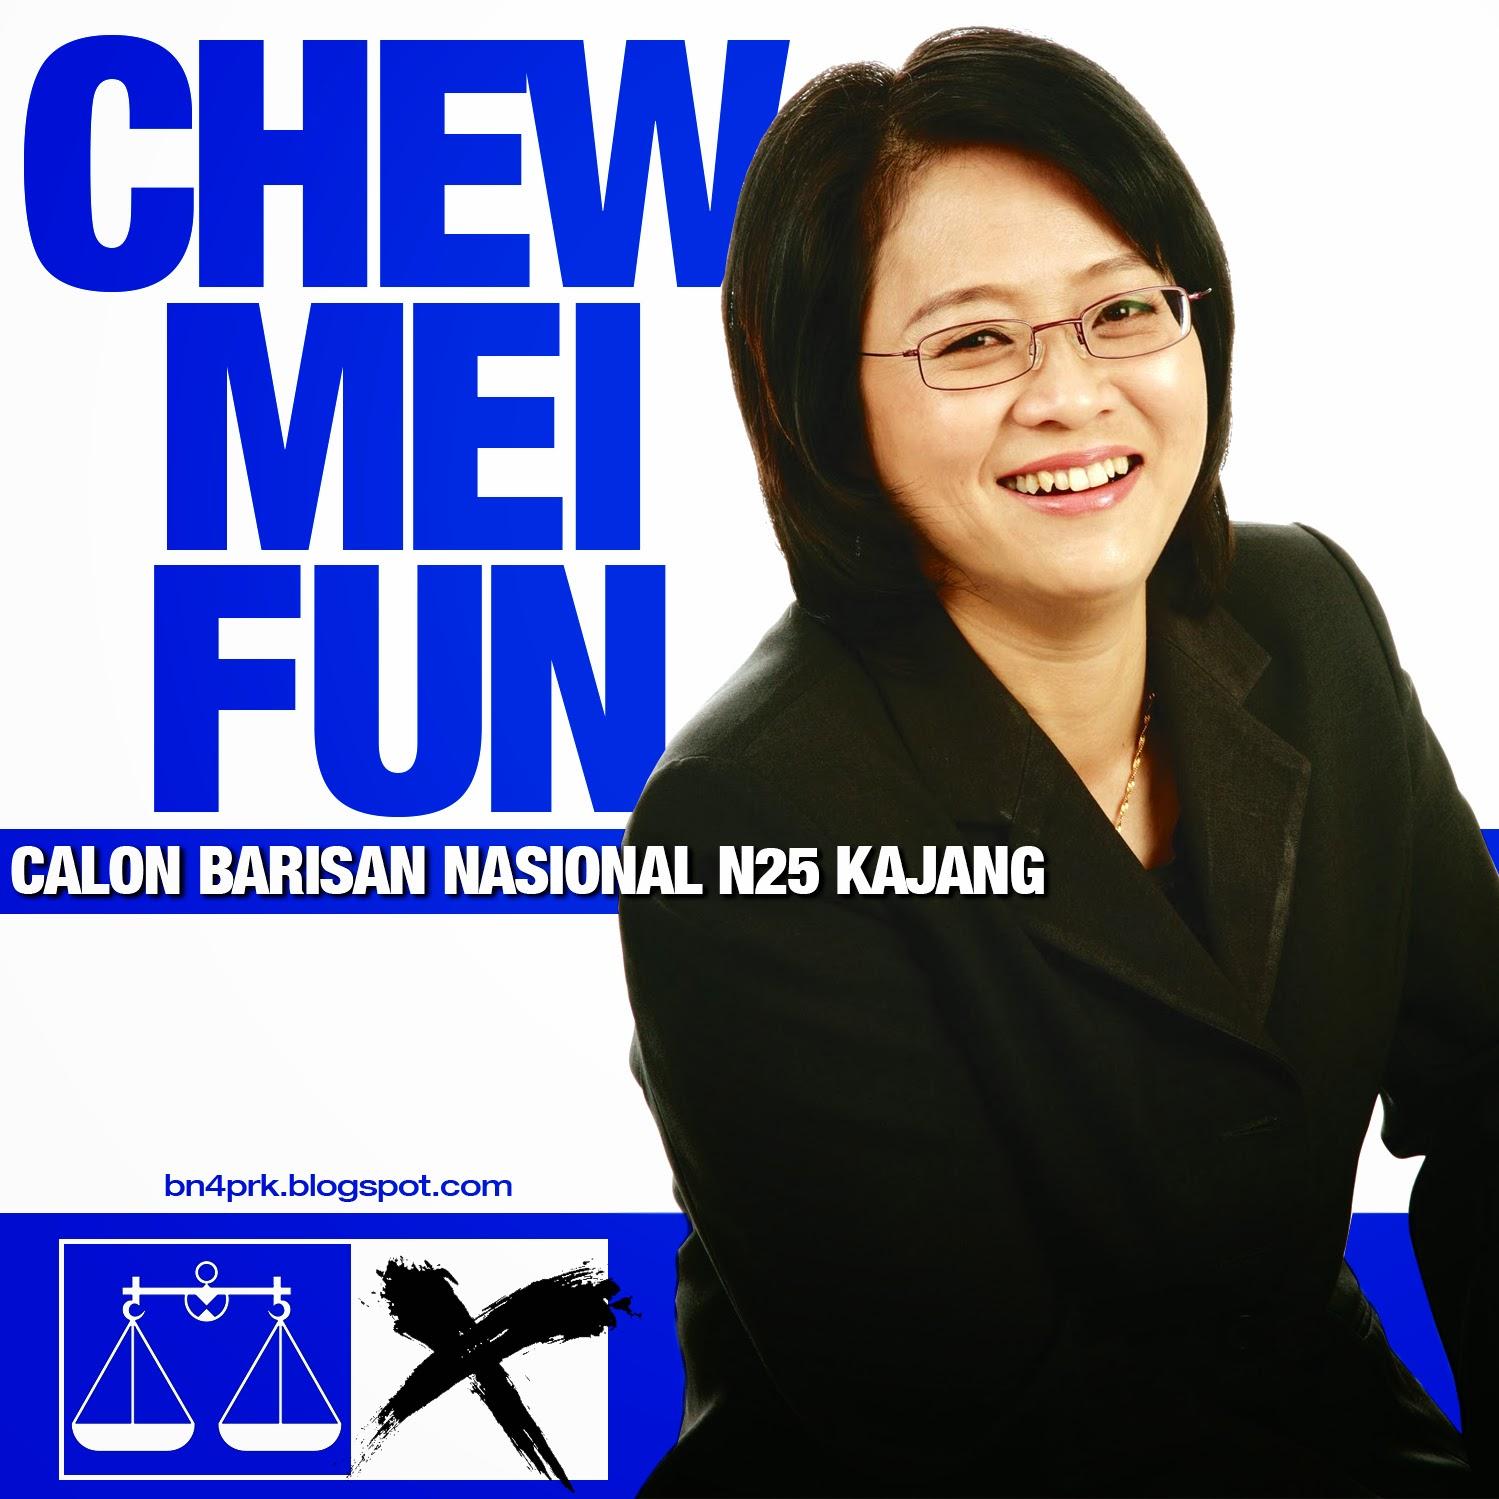 chew-mei-fun-calon-bn-prk-n25-kajang